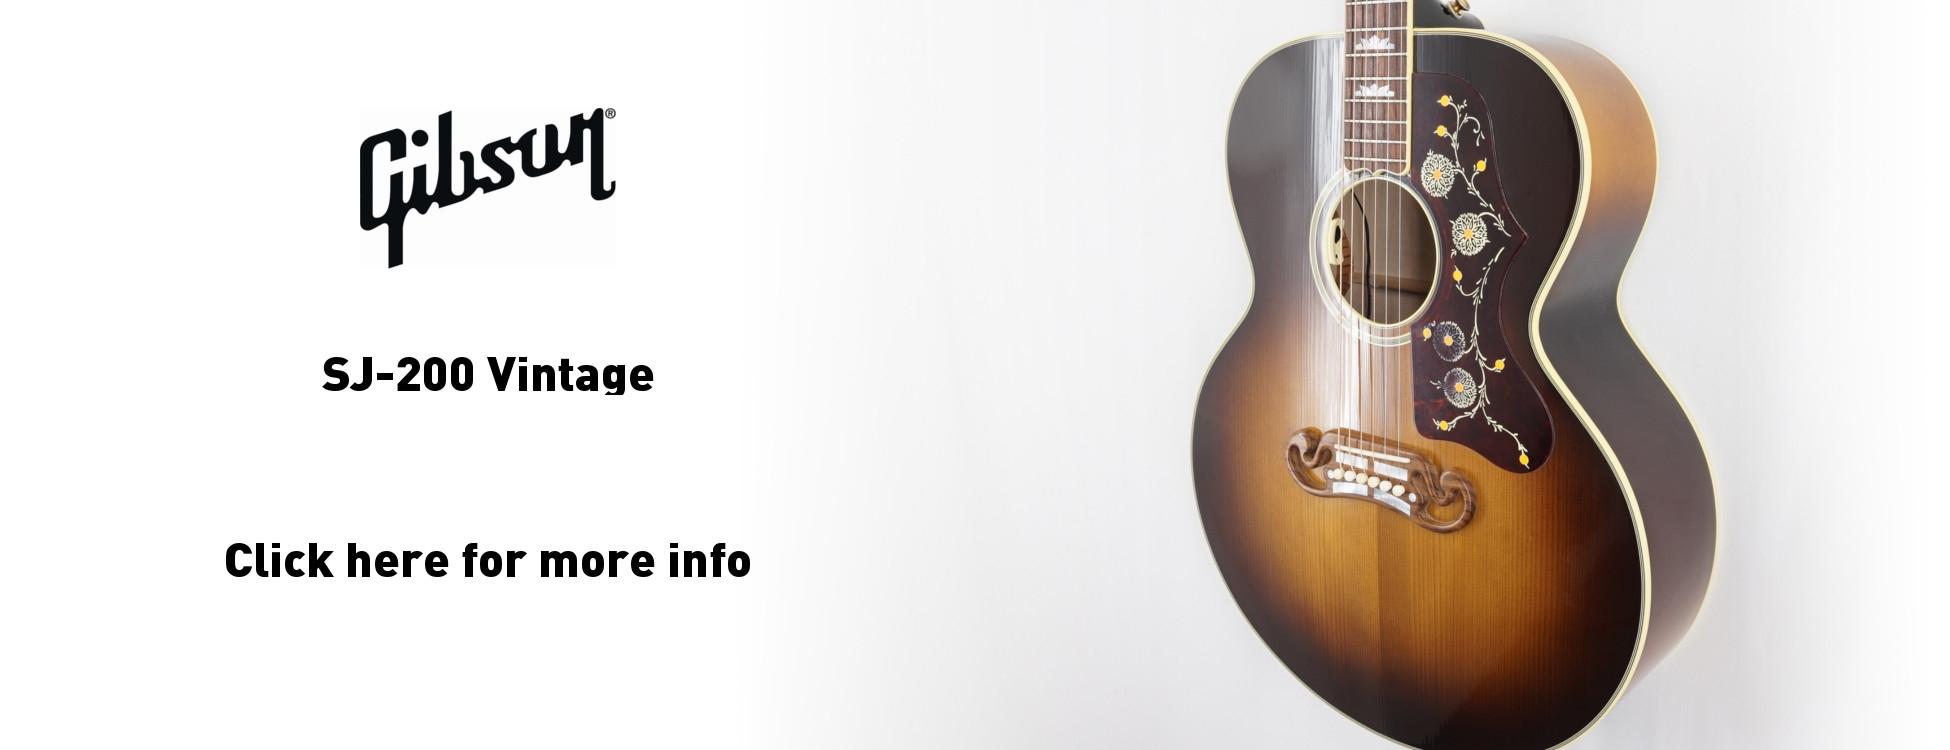 Gibson 2016 SJ-200 Vintage